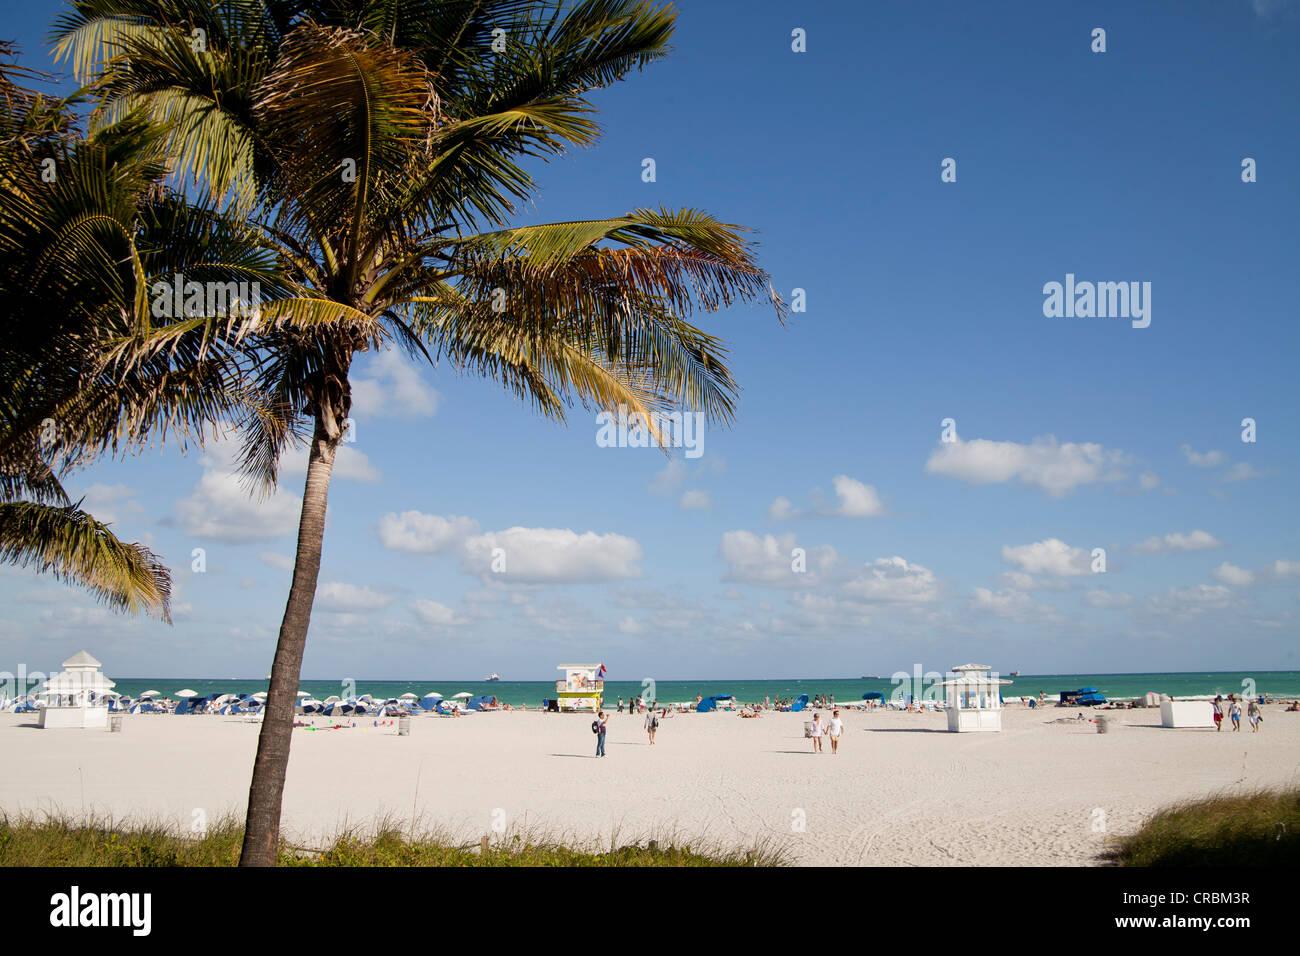 Palme da cocco sulla spiaggia, South Beach, Miami, Florida, Stati Uniti d'America Immagini Stock